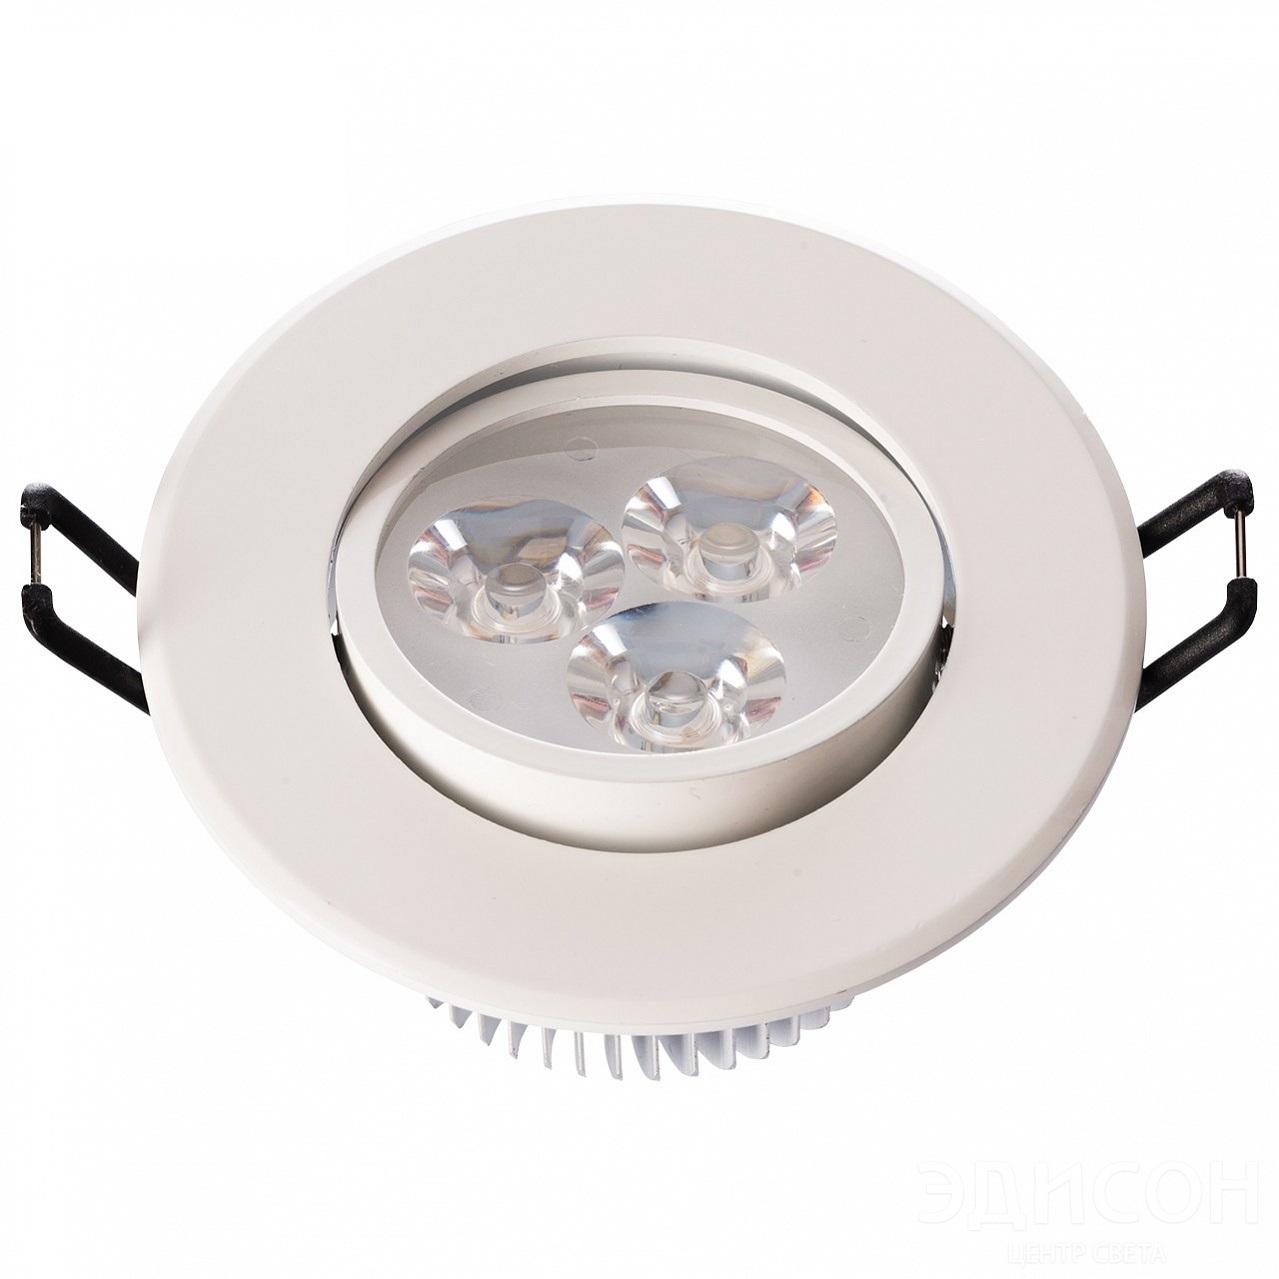 Светильник встраиваемый Mw lightСветильники встраиваемые<br>Стиль светильника: модерн,<br>Диаметр: 90,<br>Форма светильника: круг,<br>Материал светильника: металл,<br>Количество ламп: 3,<br>Тип лампы: светодиодная,<br>Мощность: 1,<br>Патрон: LED,<br>Коллекция: Круз<br>